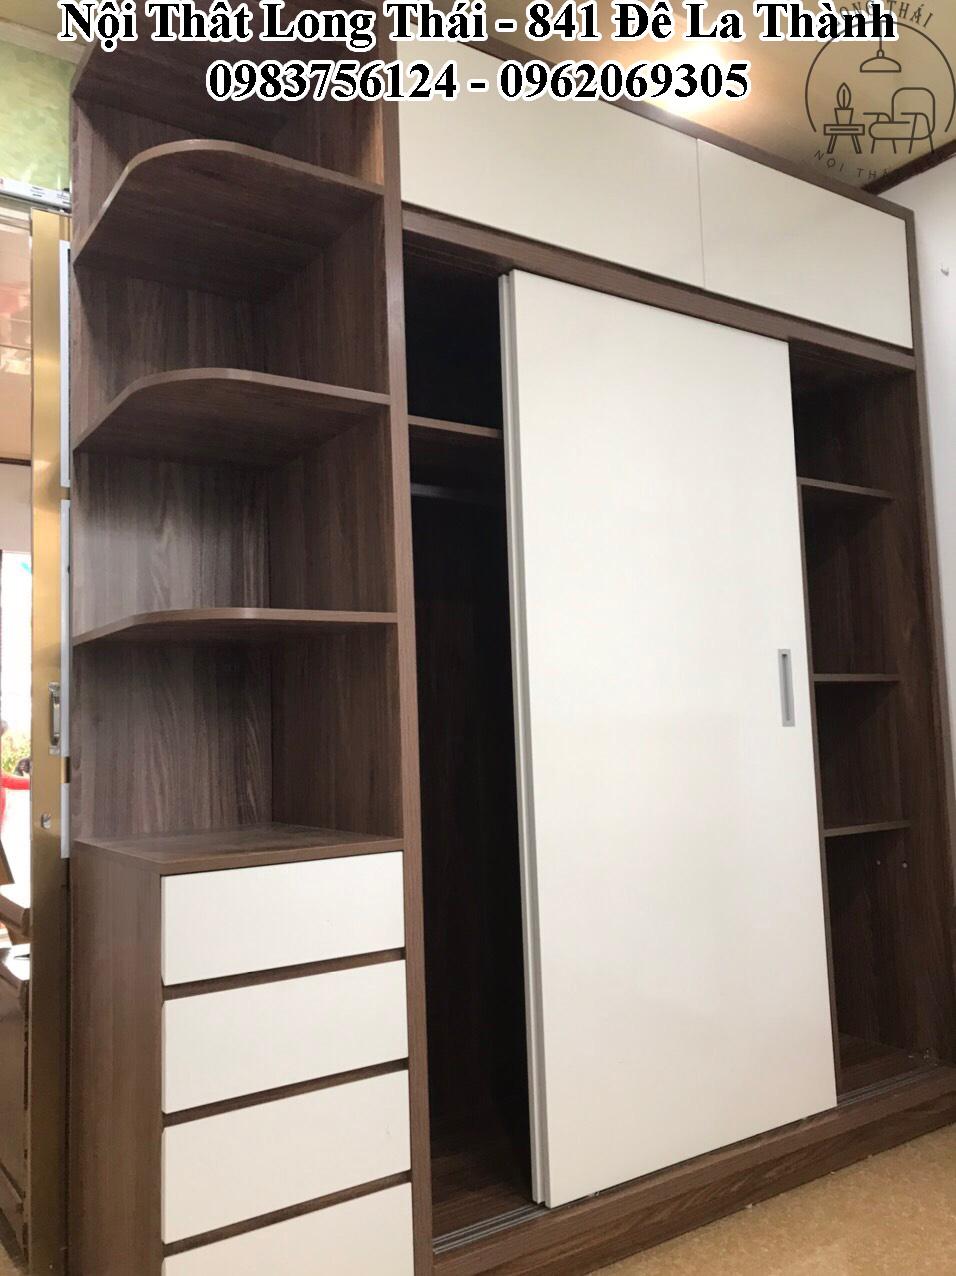 Tủ quần áo 2x2.4m cánh lùa 2 tầng